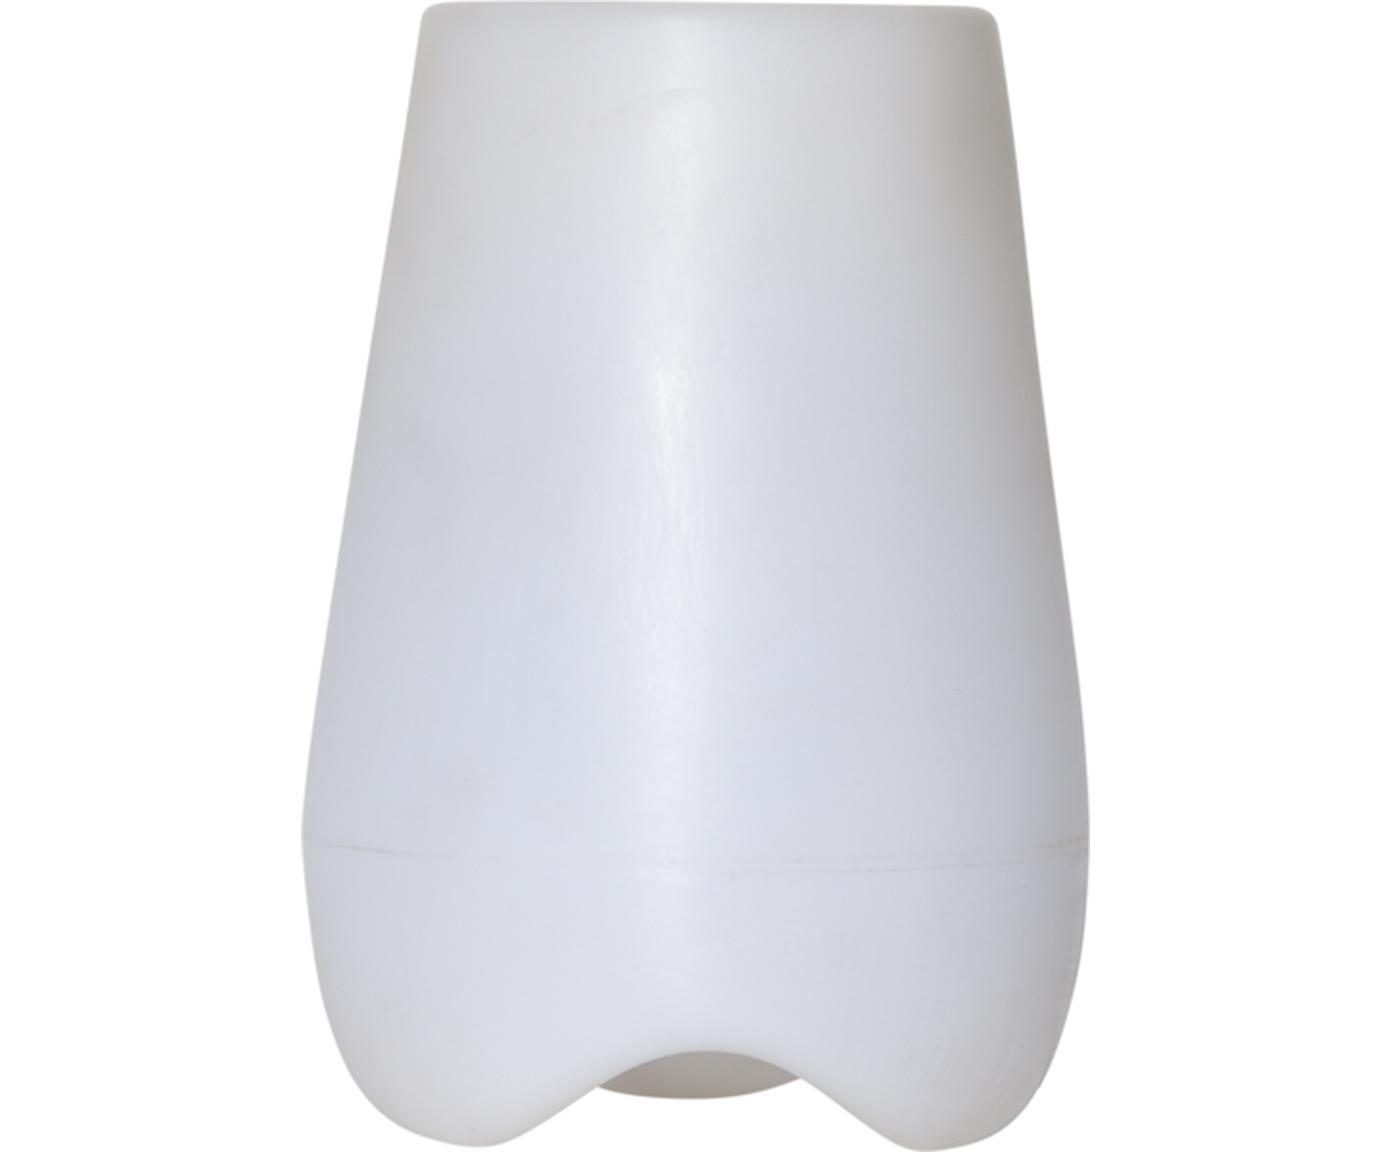 Zewnętrzna lampa LED z doniczką Twilights, Tworzywo sztuczne, Biały, Ø 28 x W 40 cm